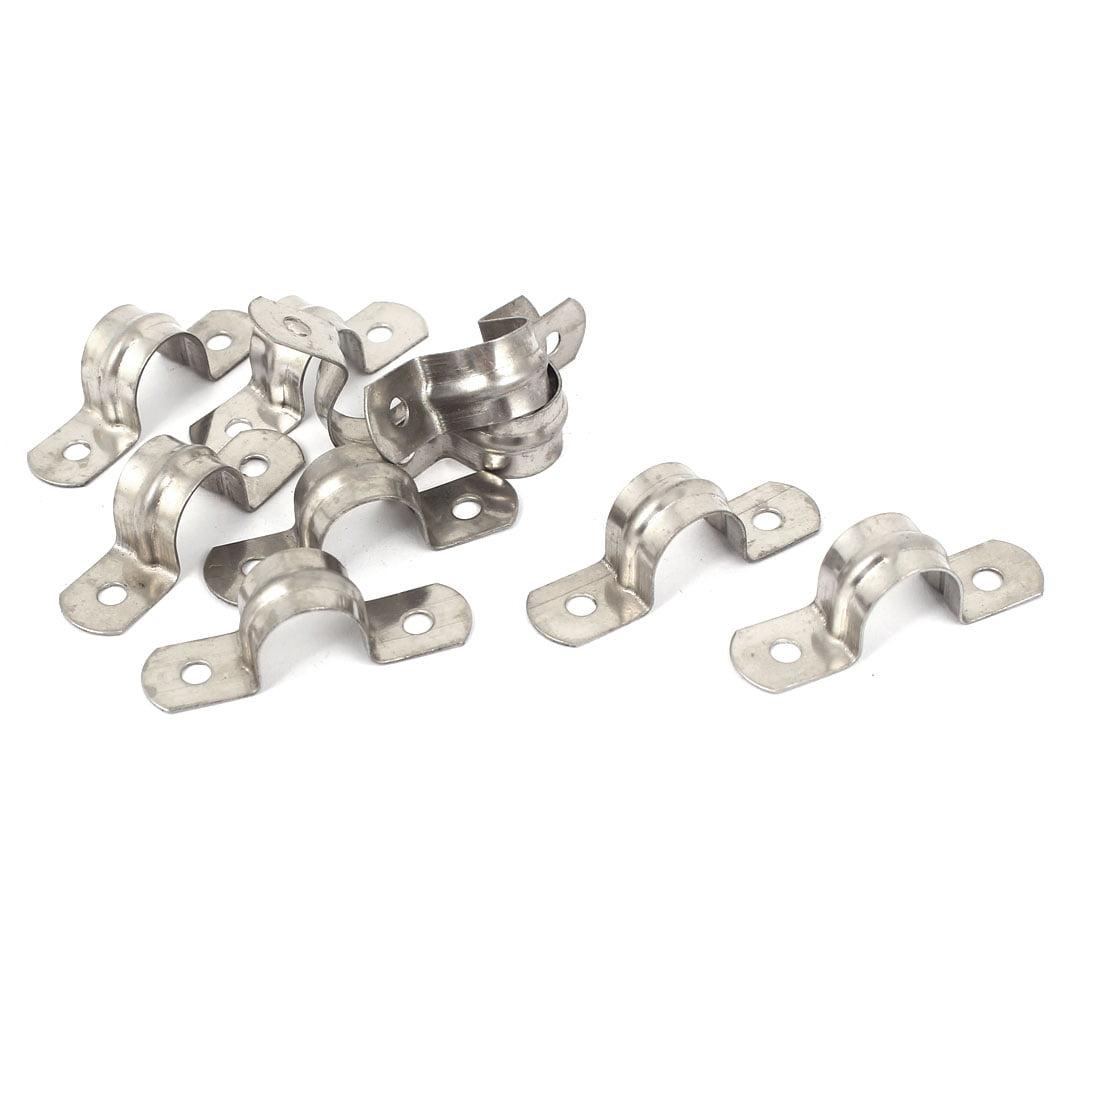 14mm diamètre en acier inoxydable 304 collier en U Tube selle Collier tuyau antistatique 10pcs - image 2 de 2